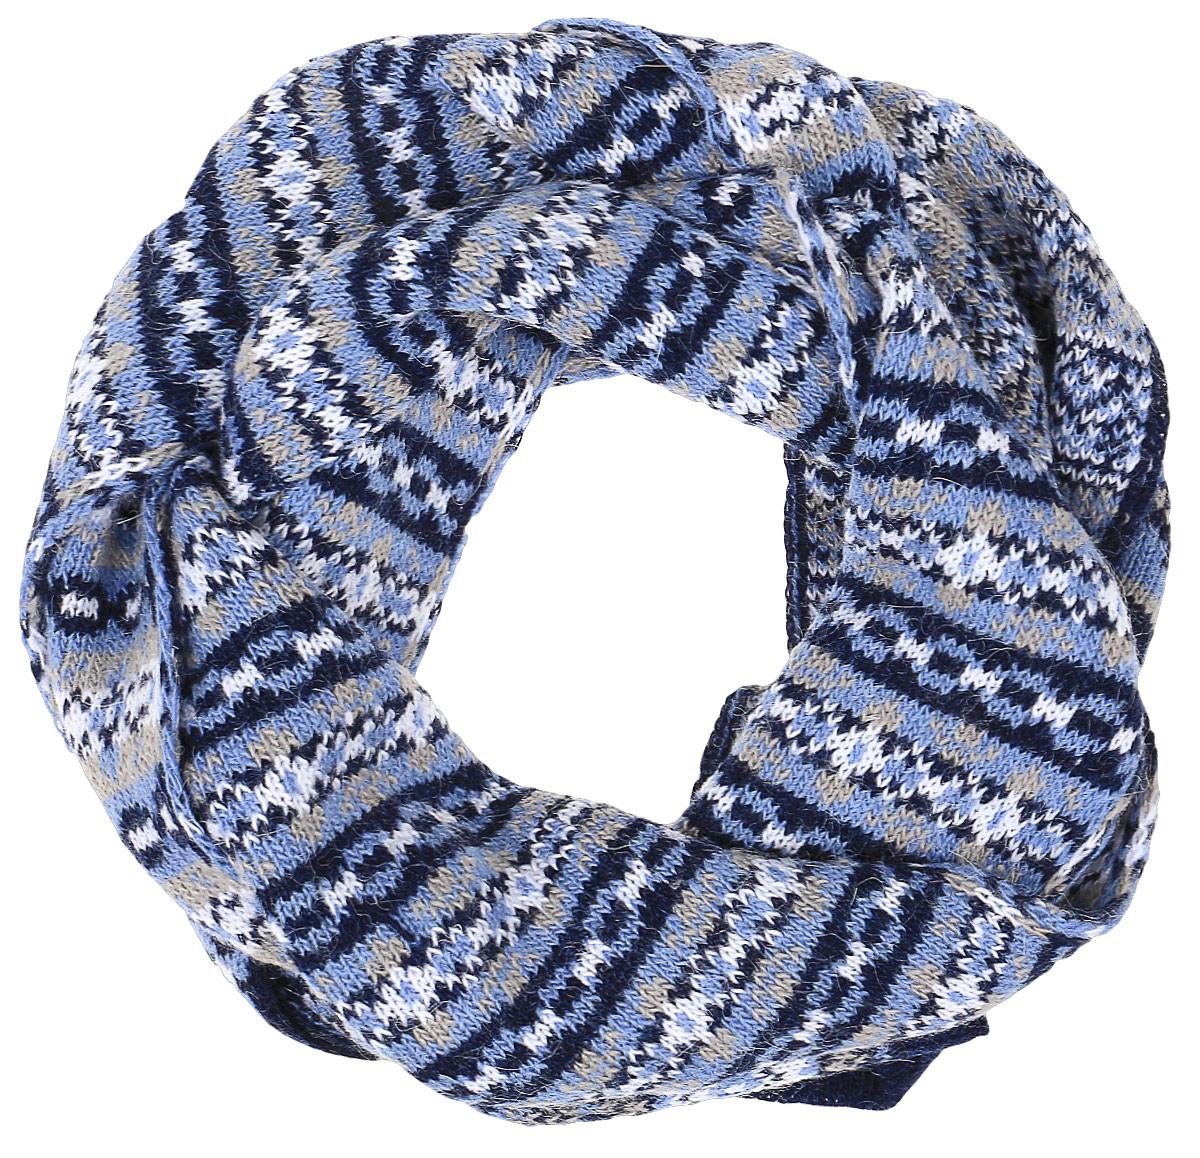 Шарф женский Finn Flare, цвет: темно-синий, голубой. W16-12118_101. Размер 20 см х 160 см